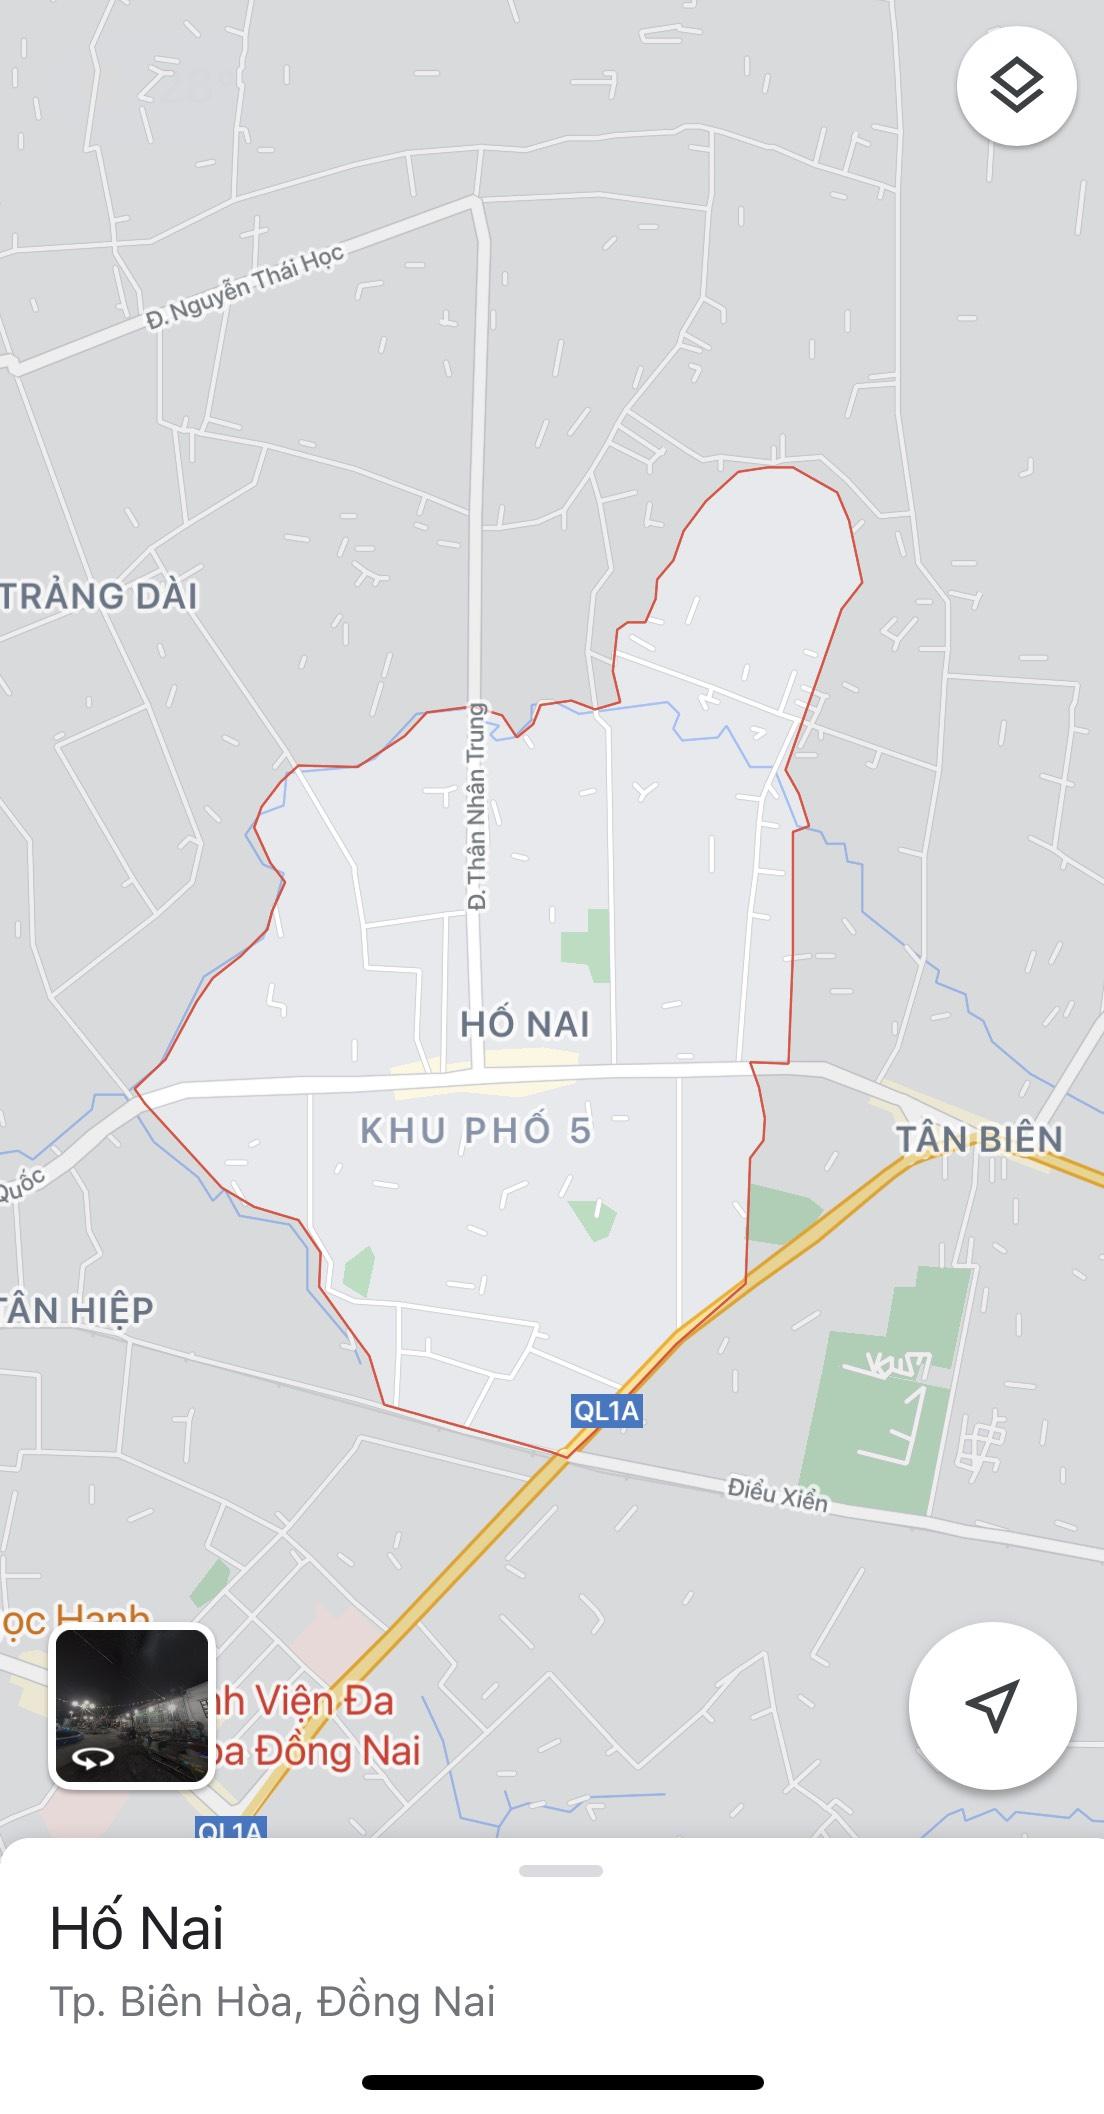 Nhiều địa điểm tại P. Hố Nai, TP. Biên Hoà phải phong tỏa tạm thời vì có ca nhiễm COVID-19 từng ở và ghé qua